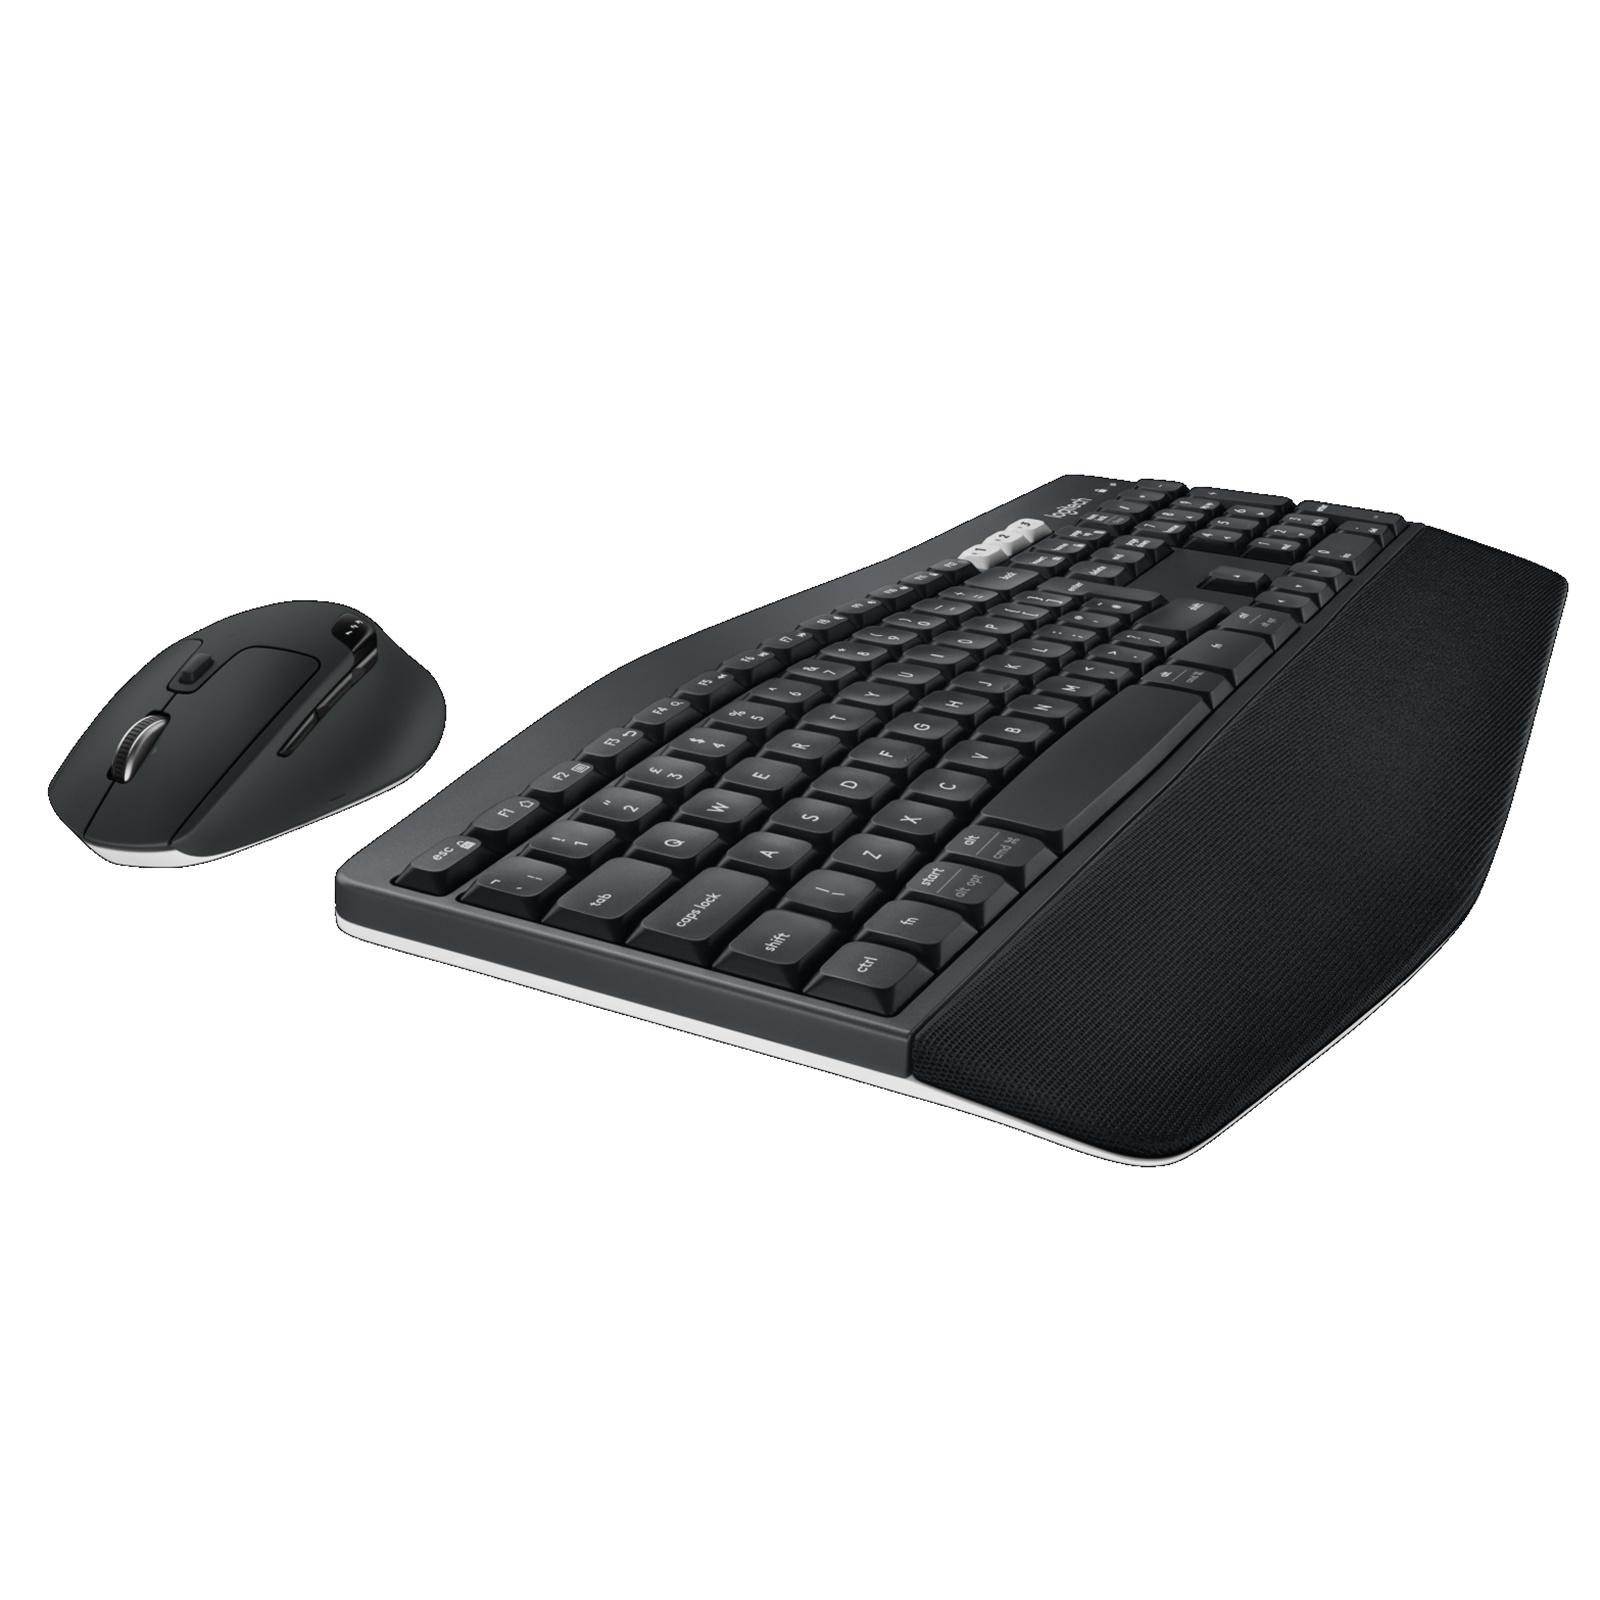 Buy the Logitech MK850 Performance Wireless Desktop Keyboard